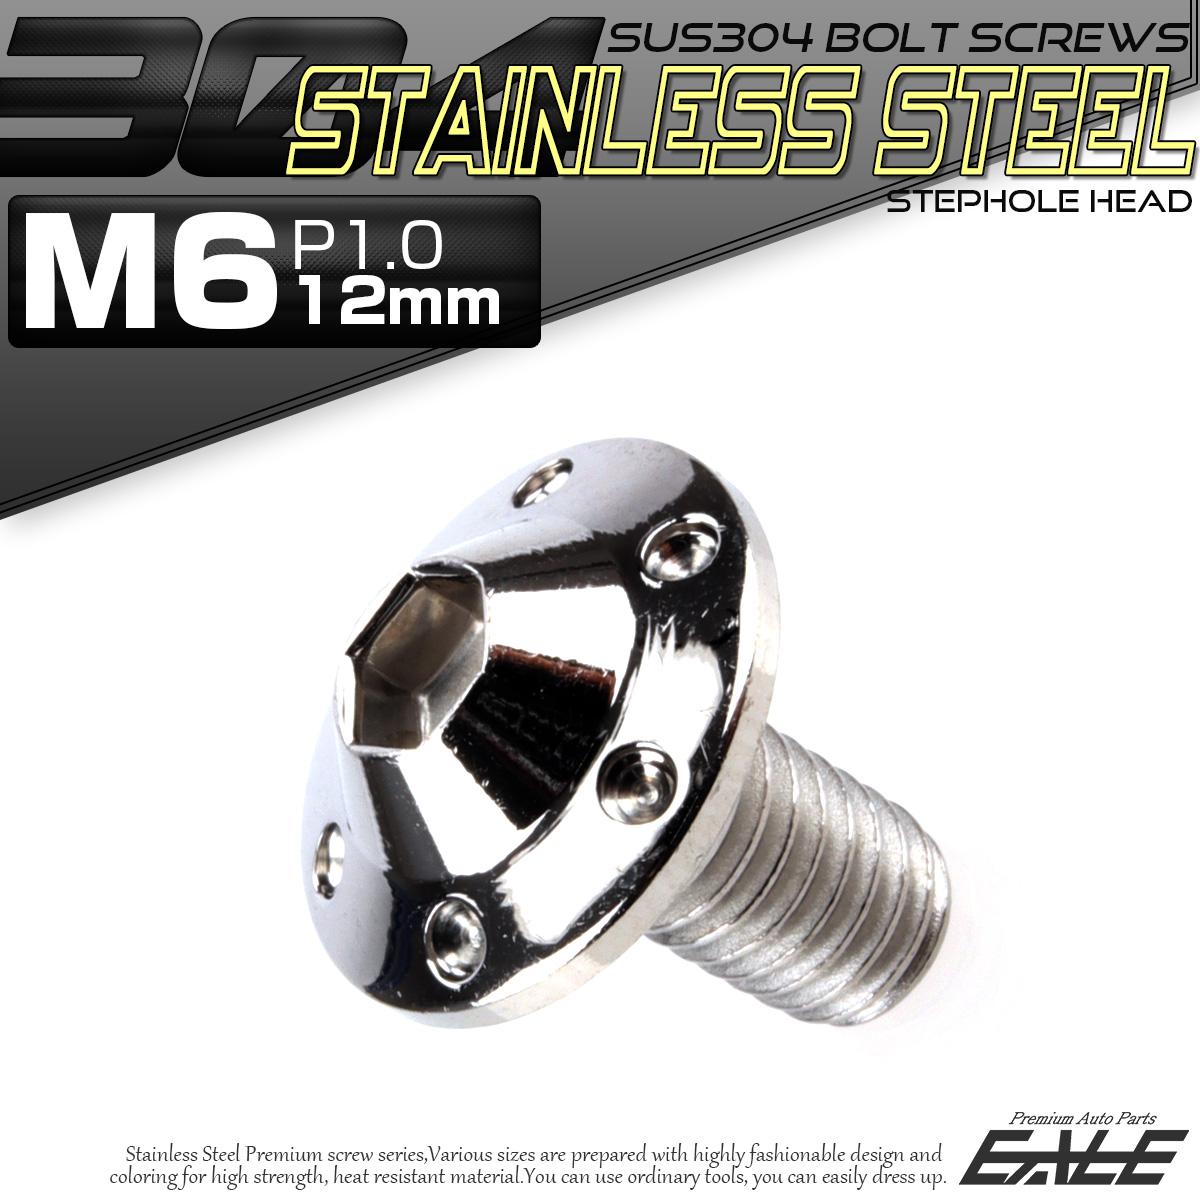 【ネコポス可】 SUS304 フランジ付 ボタンボルト M6×12mm P1.0 六角穴  シルバー ステップホールヘッド ステンレス製 TR0177